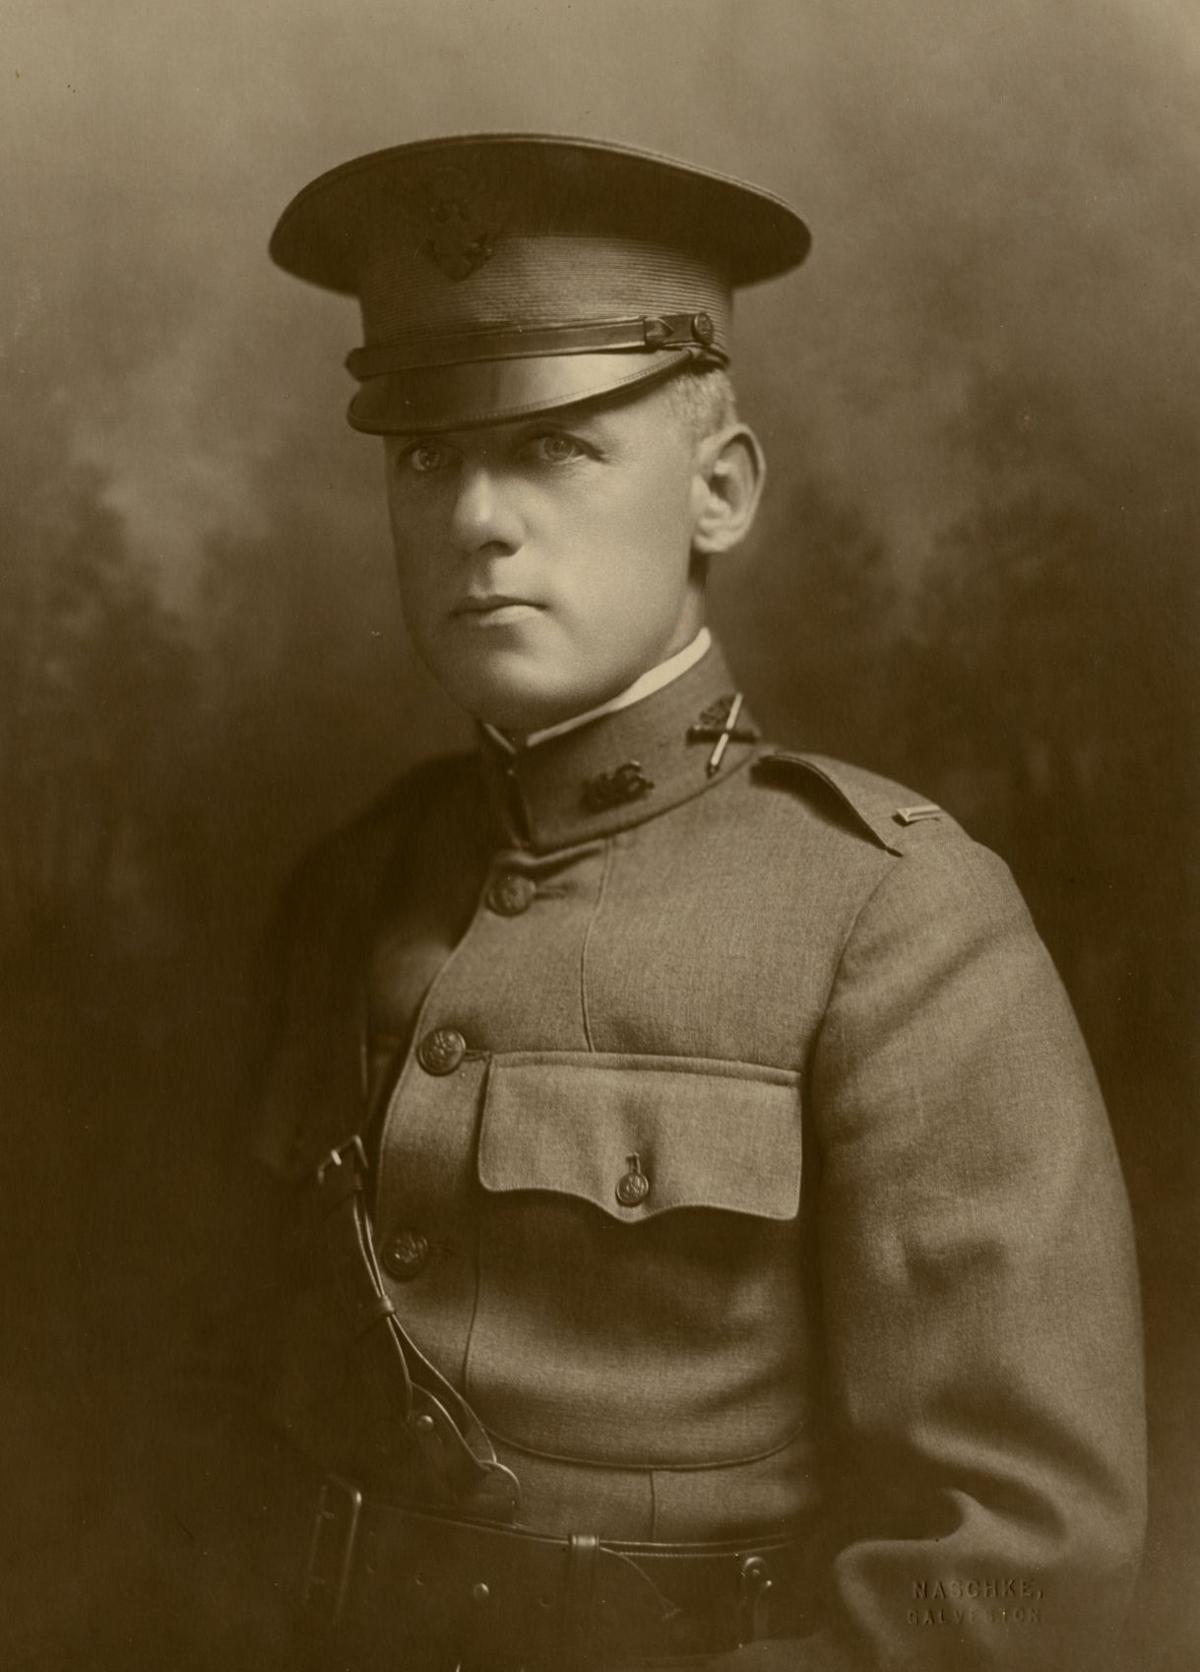 Capt. Herbert A. Robertson